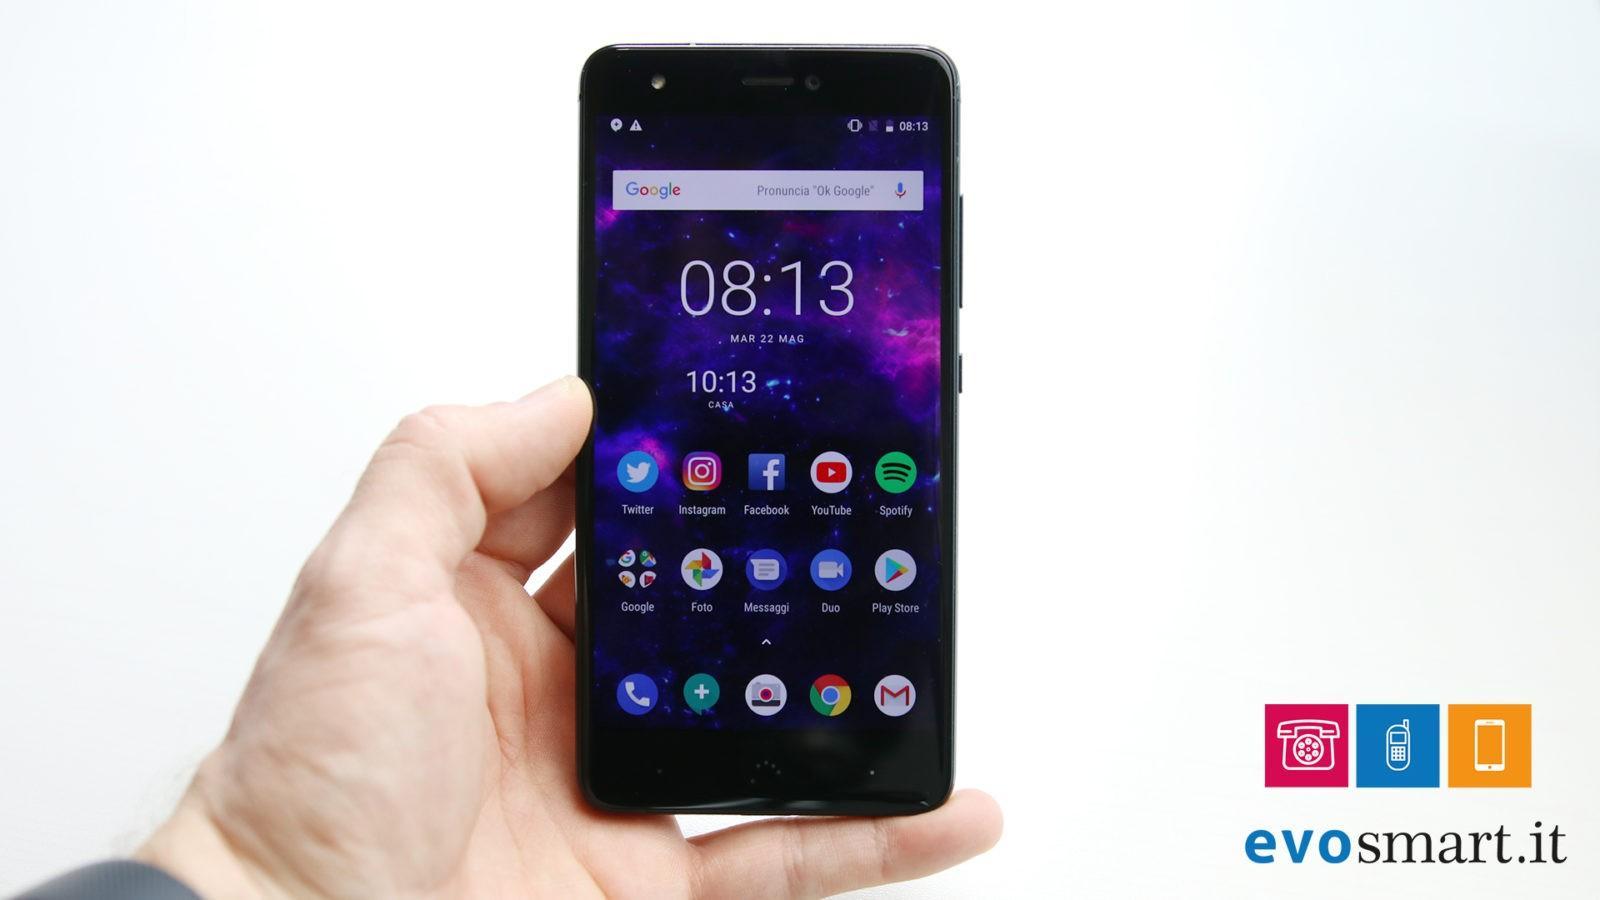 Bq aggiorna ad android 8.1 i suoi smartphone